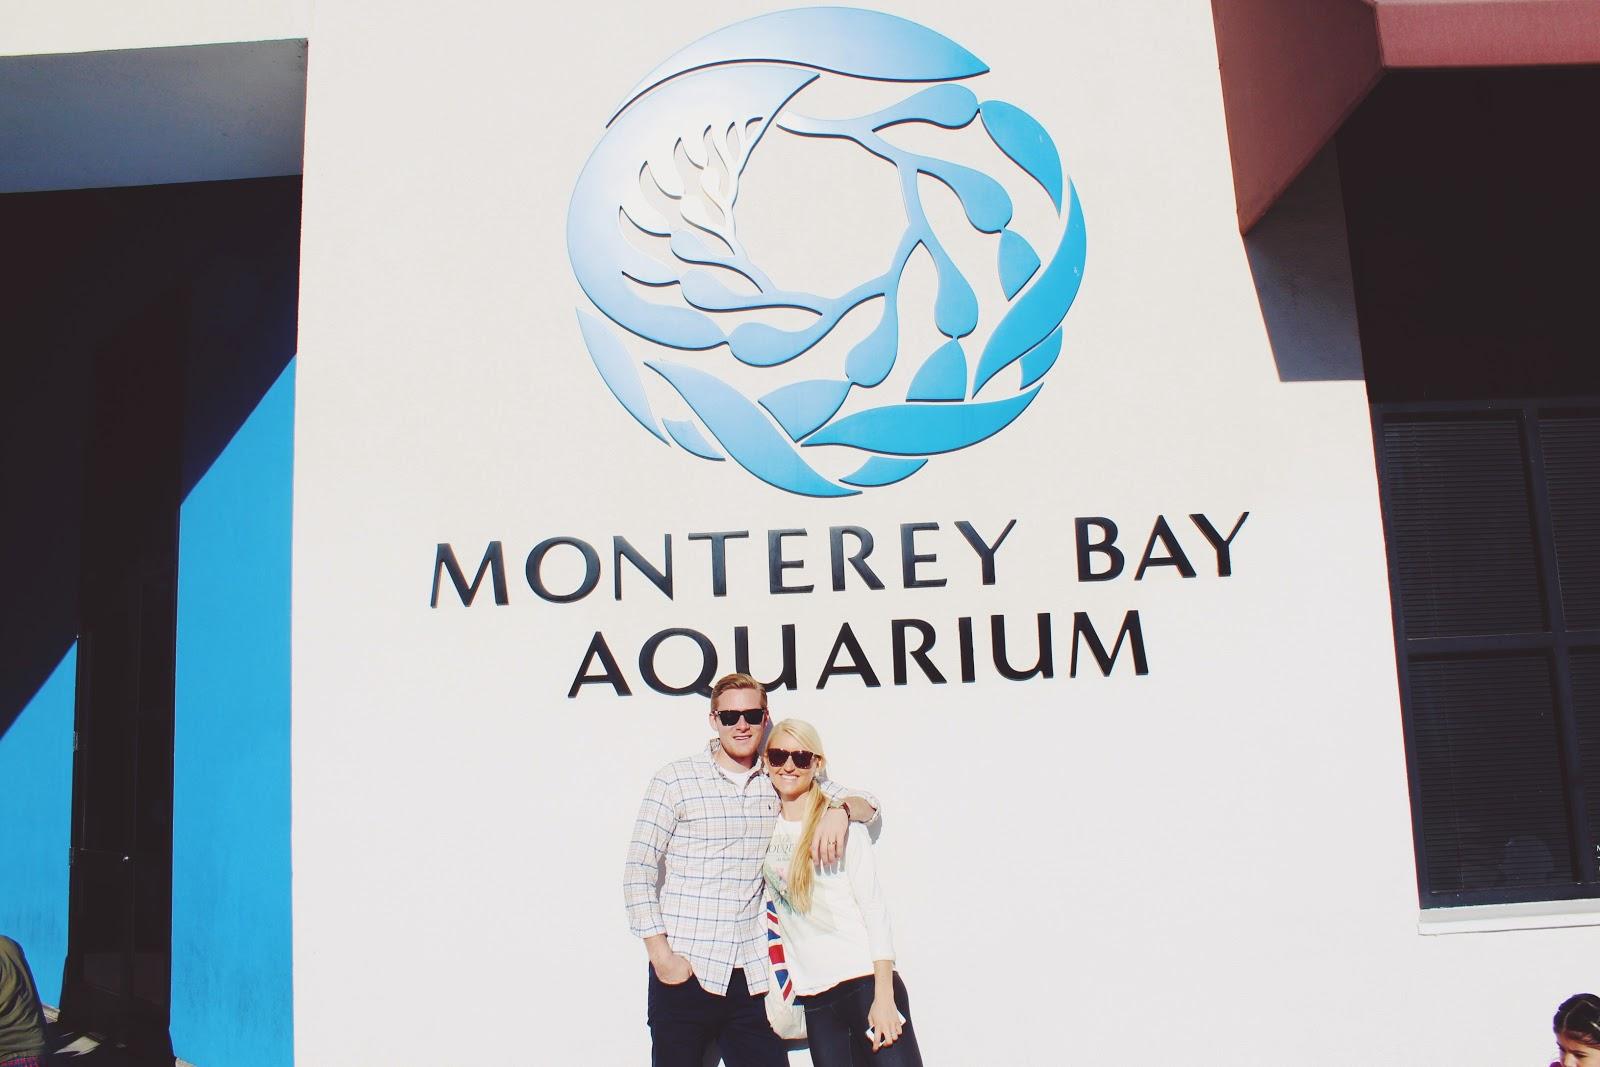 monterey & the aquarium